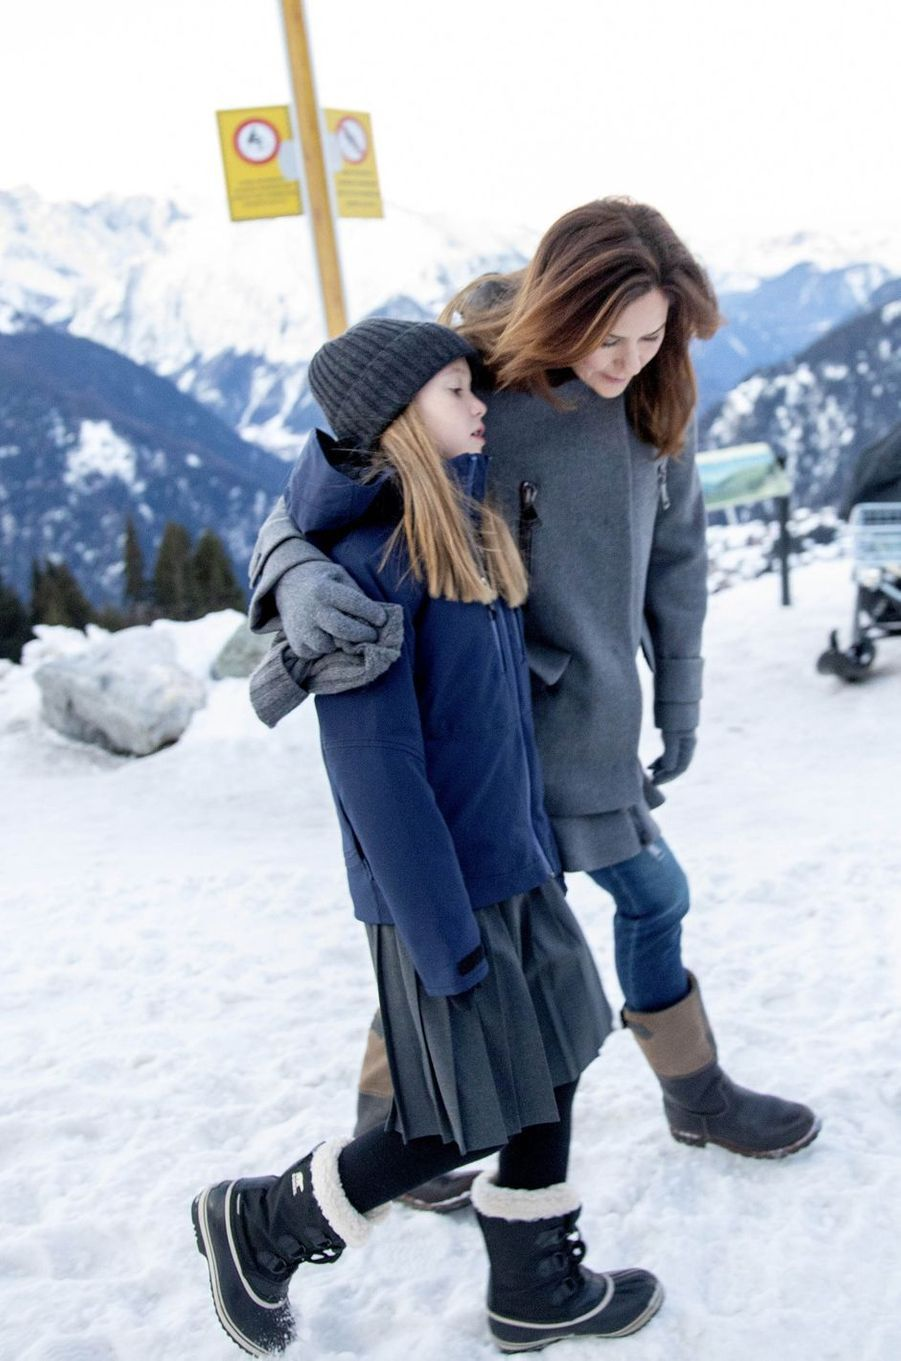 Les princesses Josephine et Mary de Danemark à Verbier en Suisse, le 6 janvier 2020